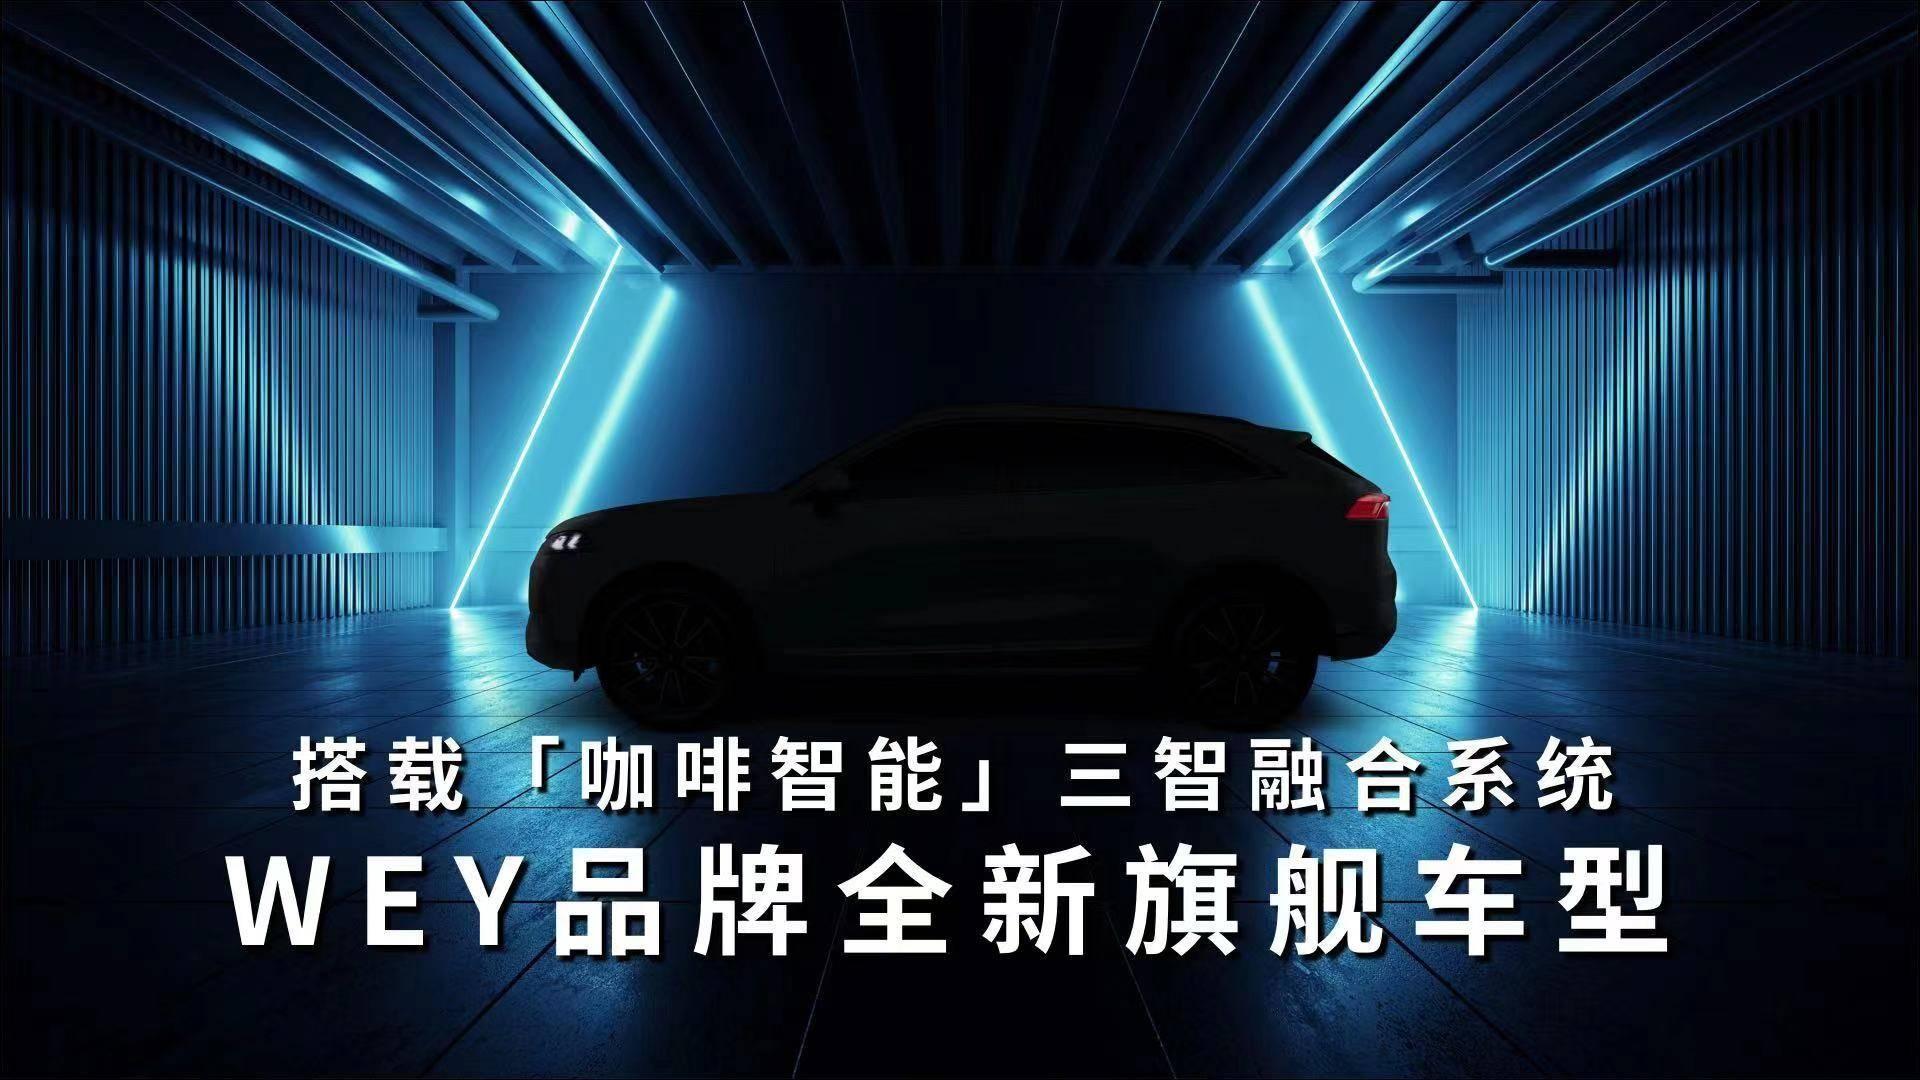 WEY品牌焕新,不做时代的追随者,要做智能汽车的创领者